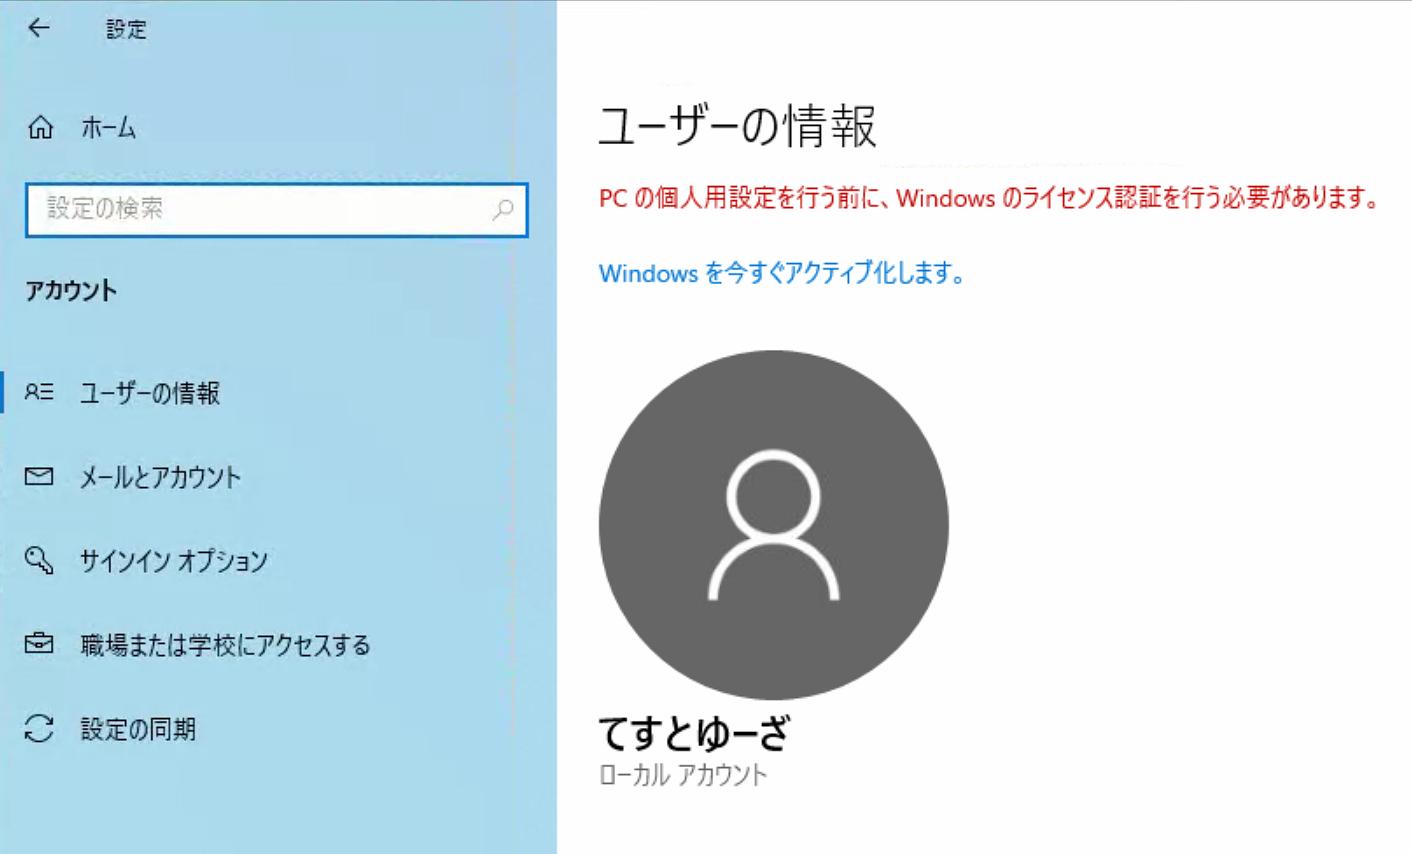 スクリーンショット 2020-02-23 16.05.22.png